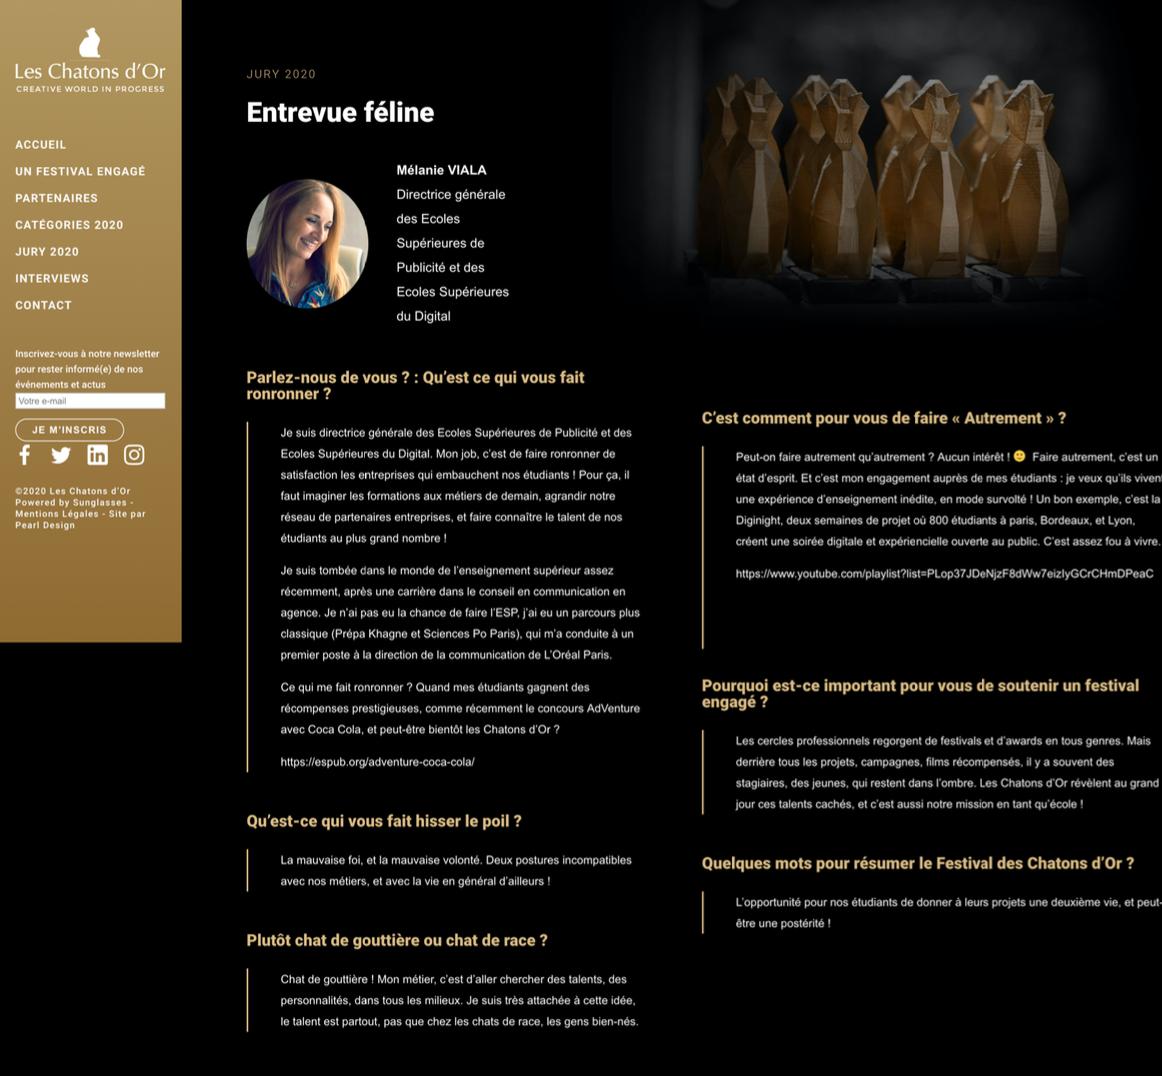 Capture écran article Les Chatons d'Or sur Mélanie Viala